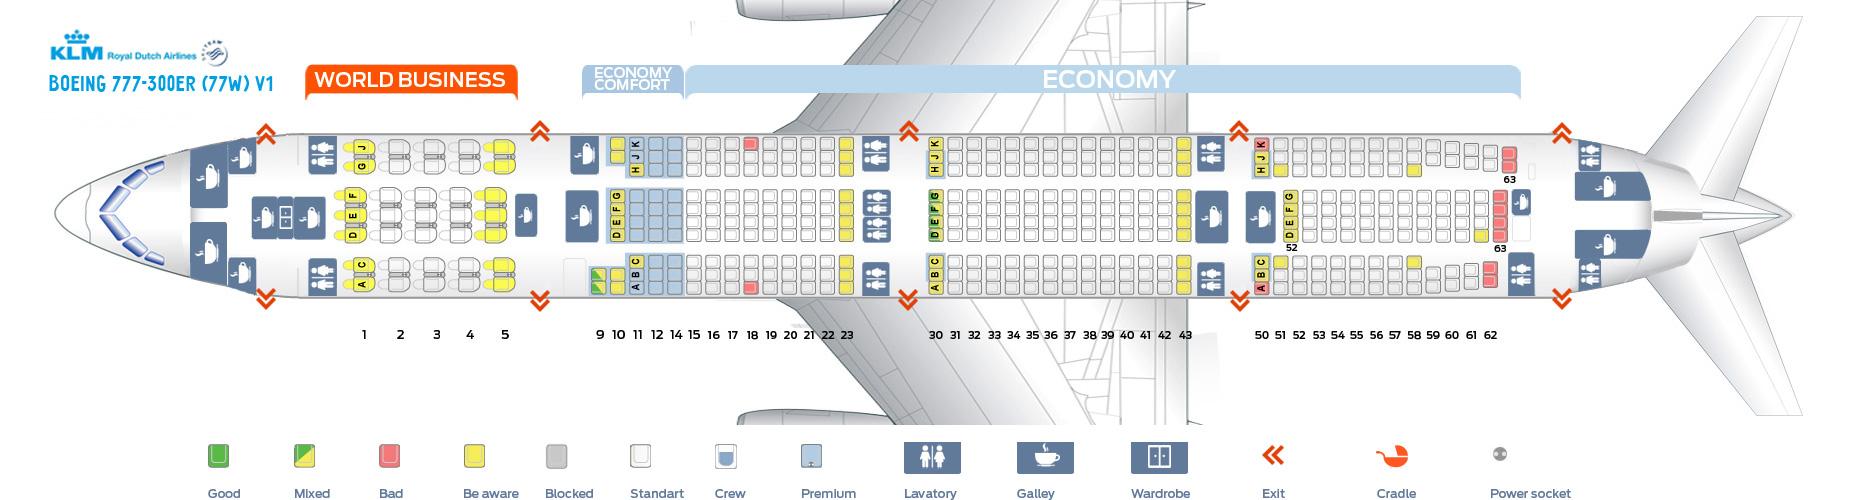 Seat Map Boeing 777-300ER V1 KLM Airlines